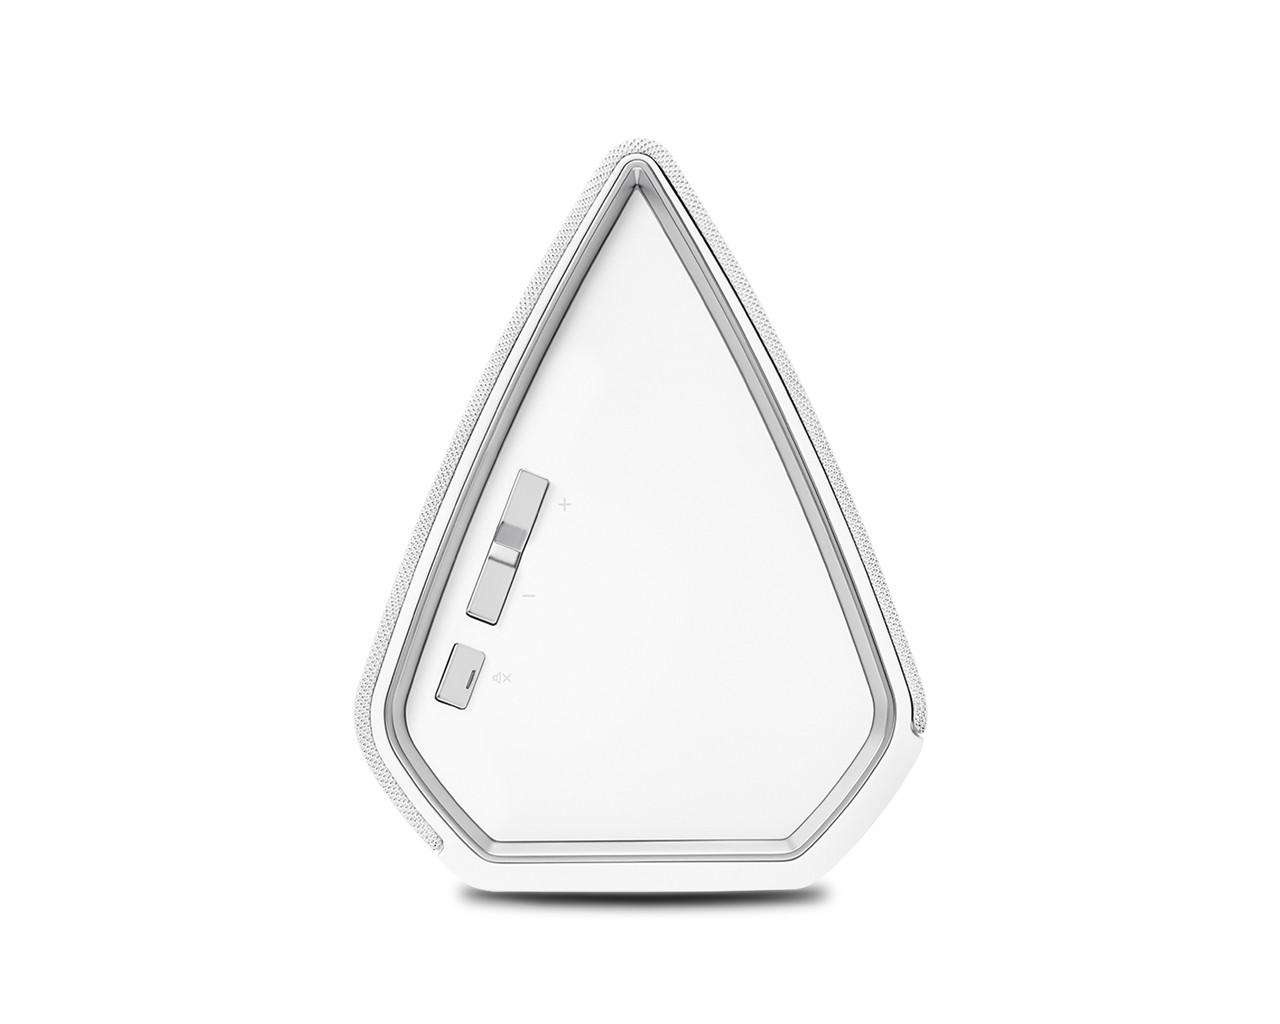 Беспроводная акустическая система Denon HEOS 5 HS2 white